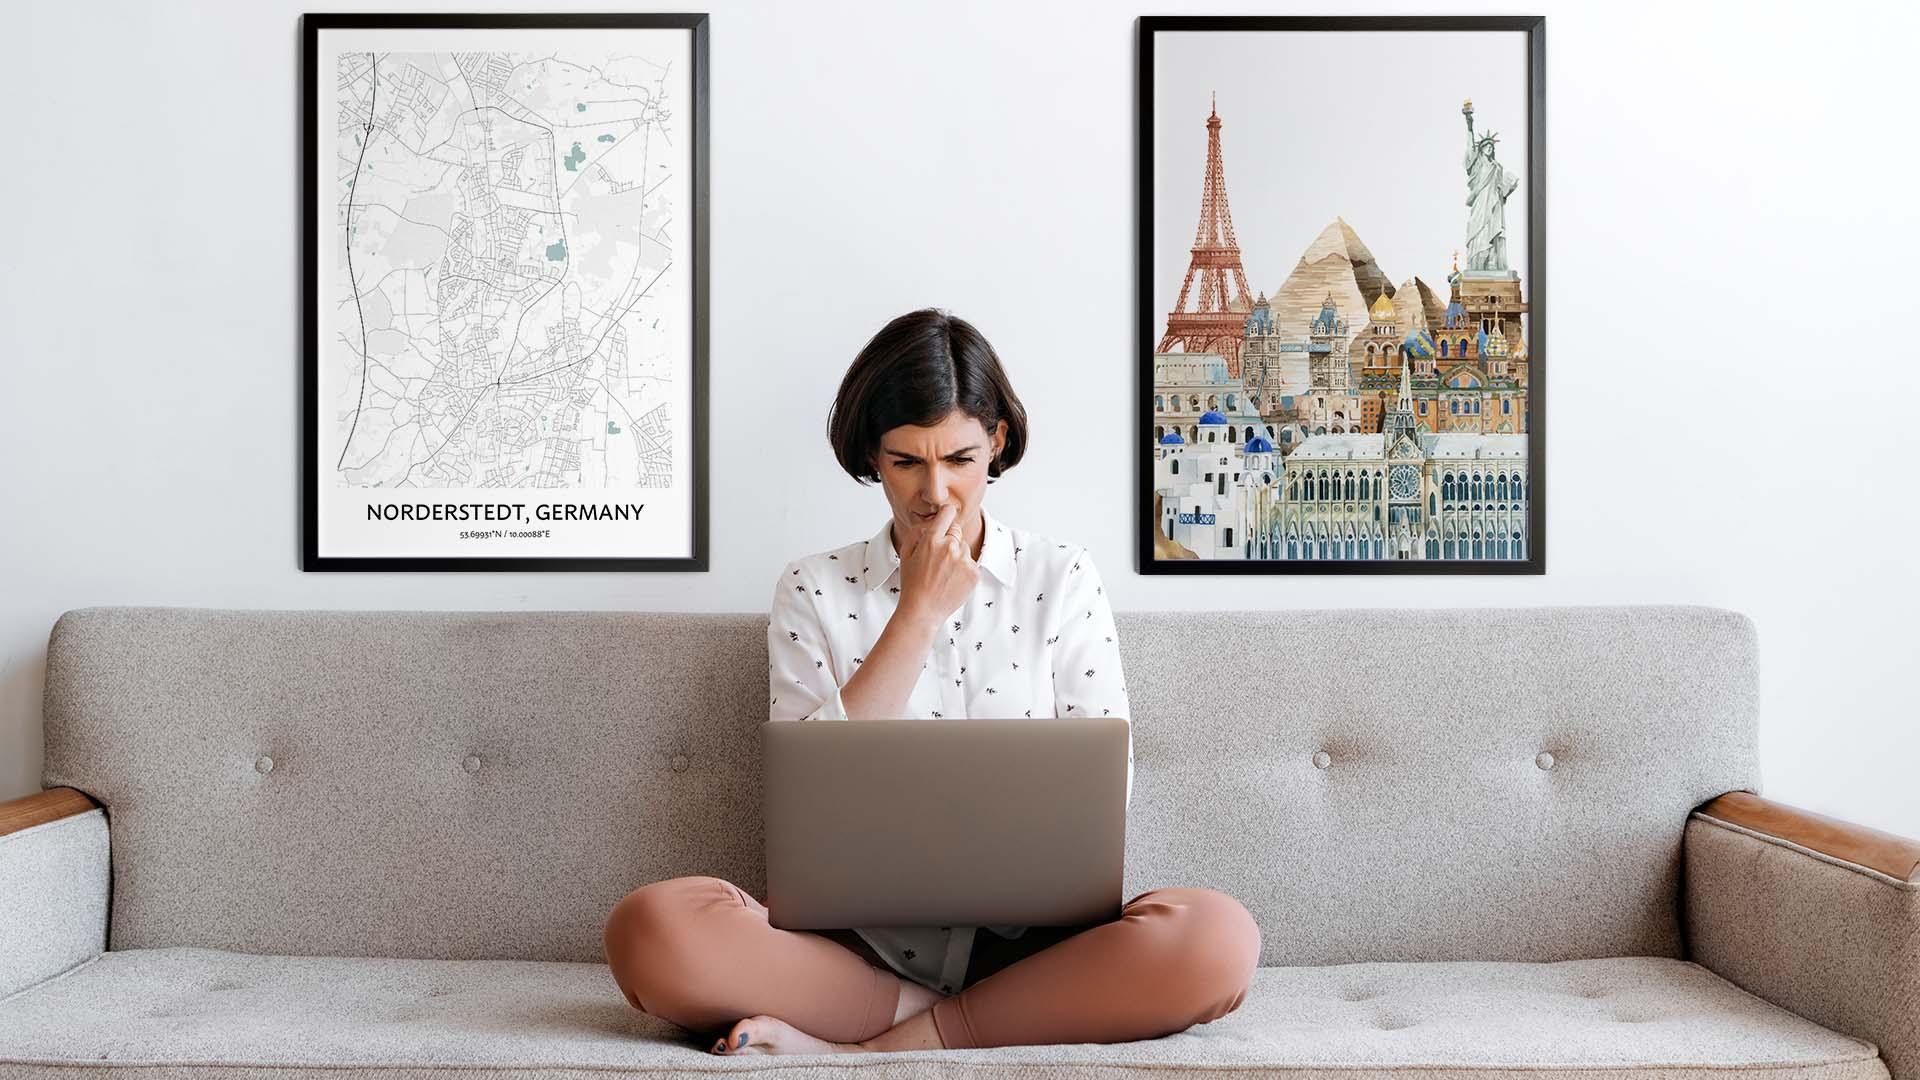 Norderstedt city map art